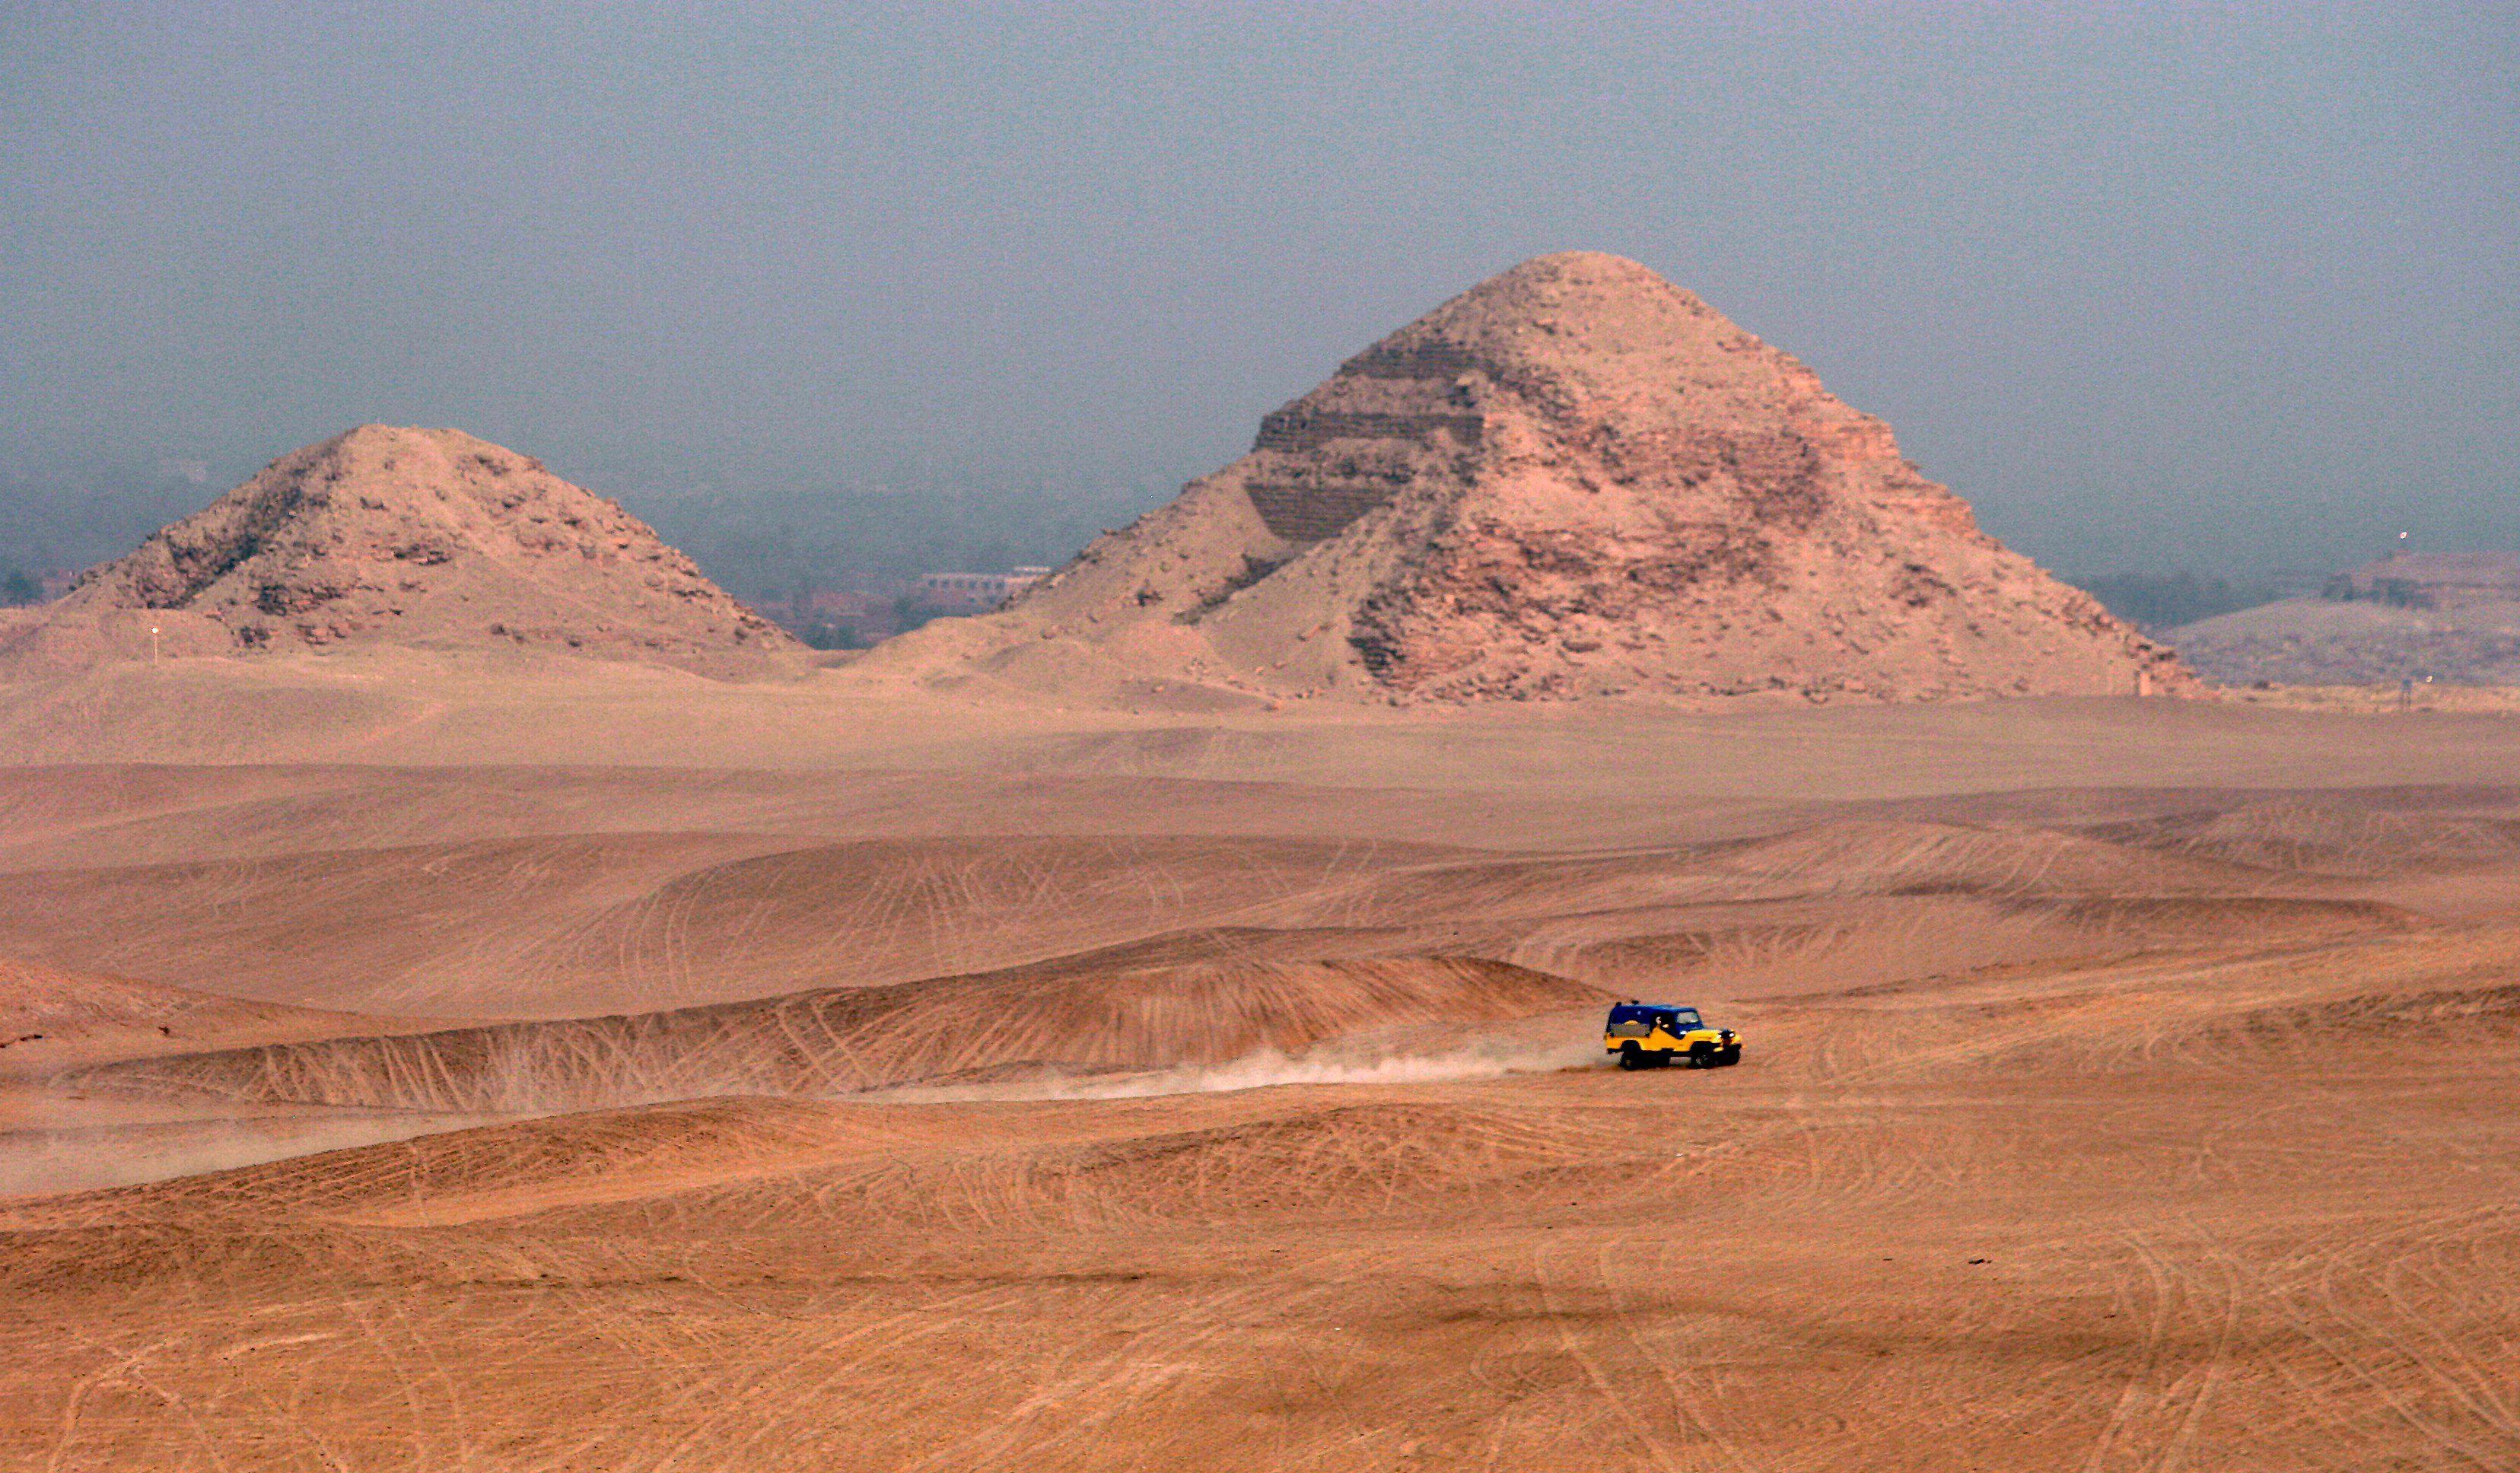 Las tumbas incómodas de las pirámides de Dahshur